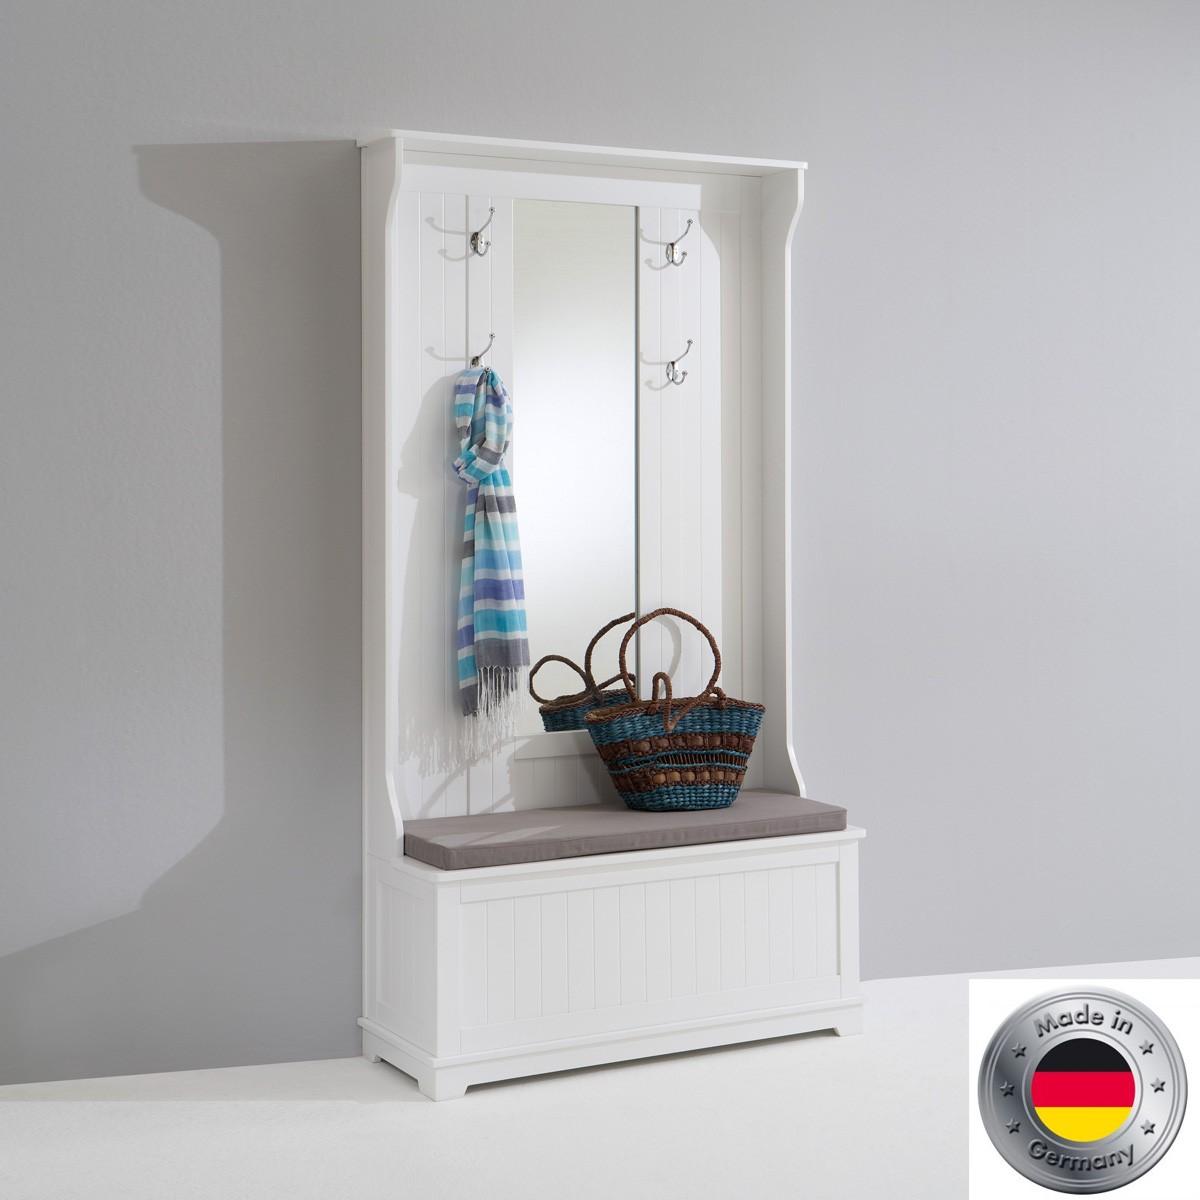 sitzbank mit garderobe es geht um idee design bild und beispiel f r haus. Black Bedroom Furniture Sets. Home Design Ideas